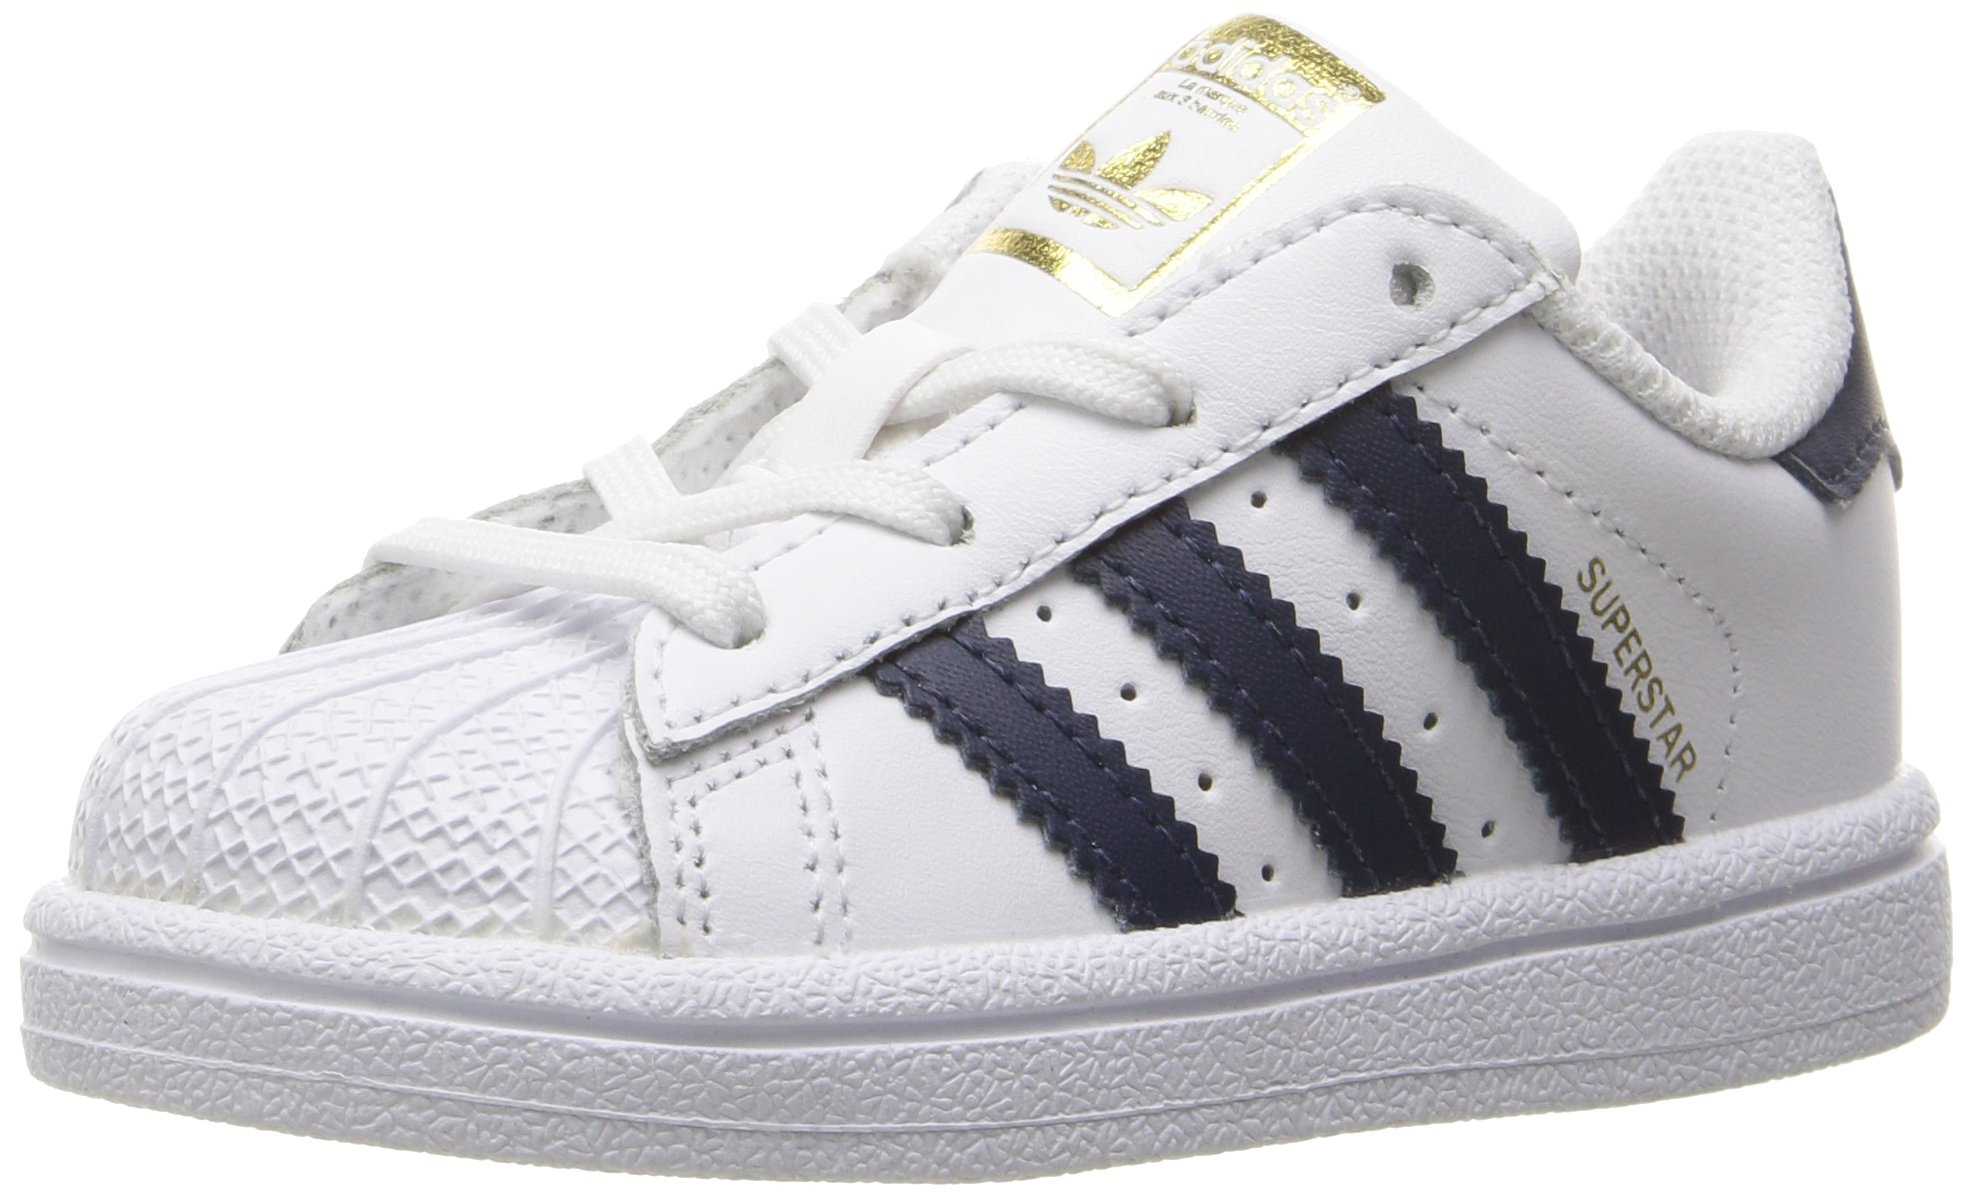 adidas Originals Kids' Superstar, White/Collegiate Navy/Metallic Gold, 8K M US Toddler